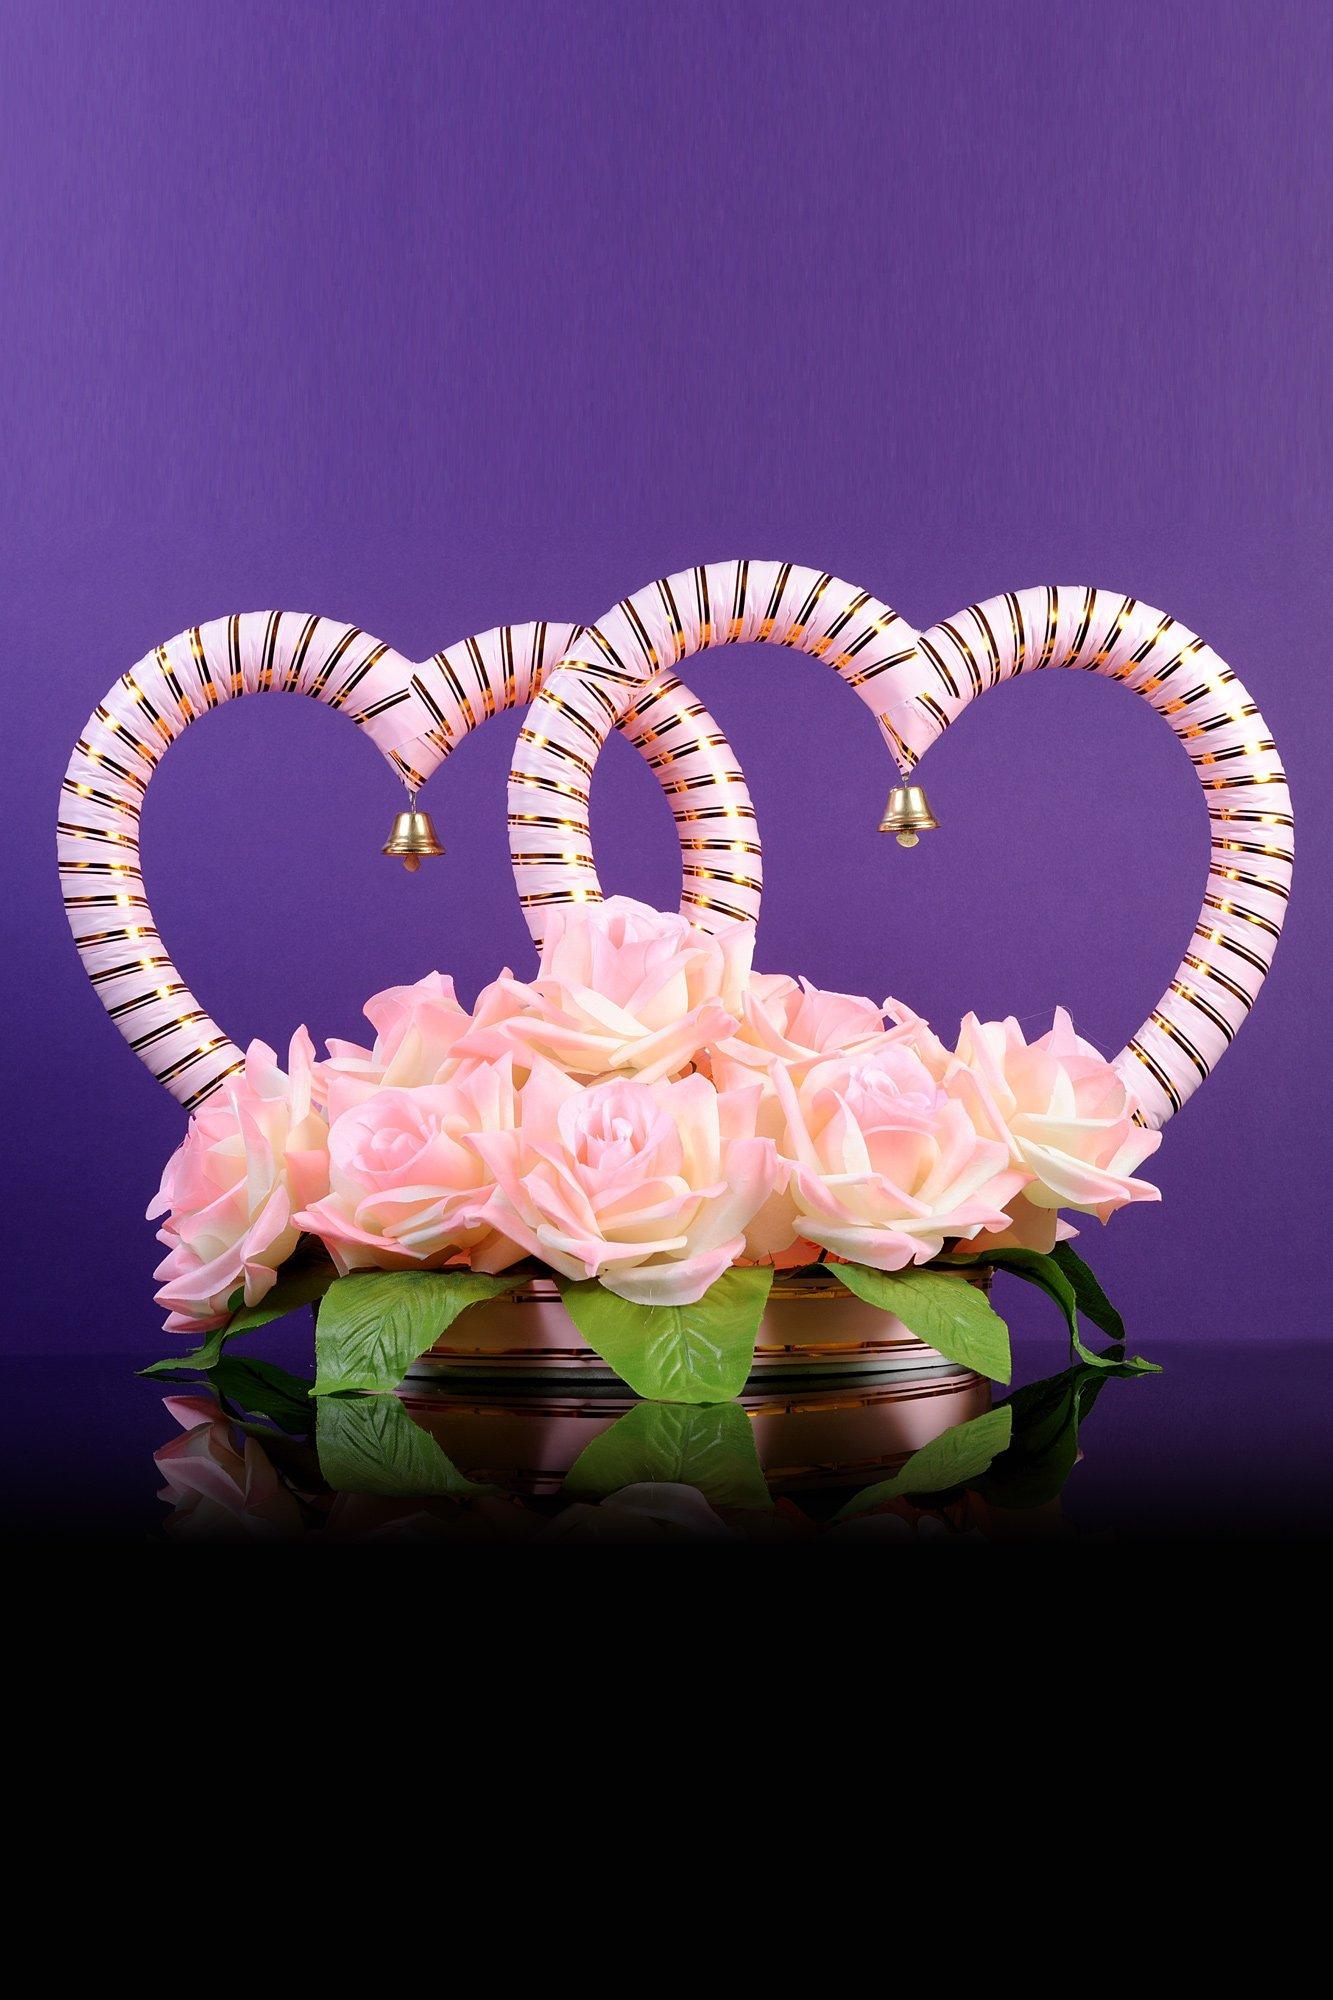 Свадебная композиция на машину в виде сердец, украшенных цветочными бутонами.